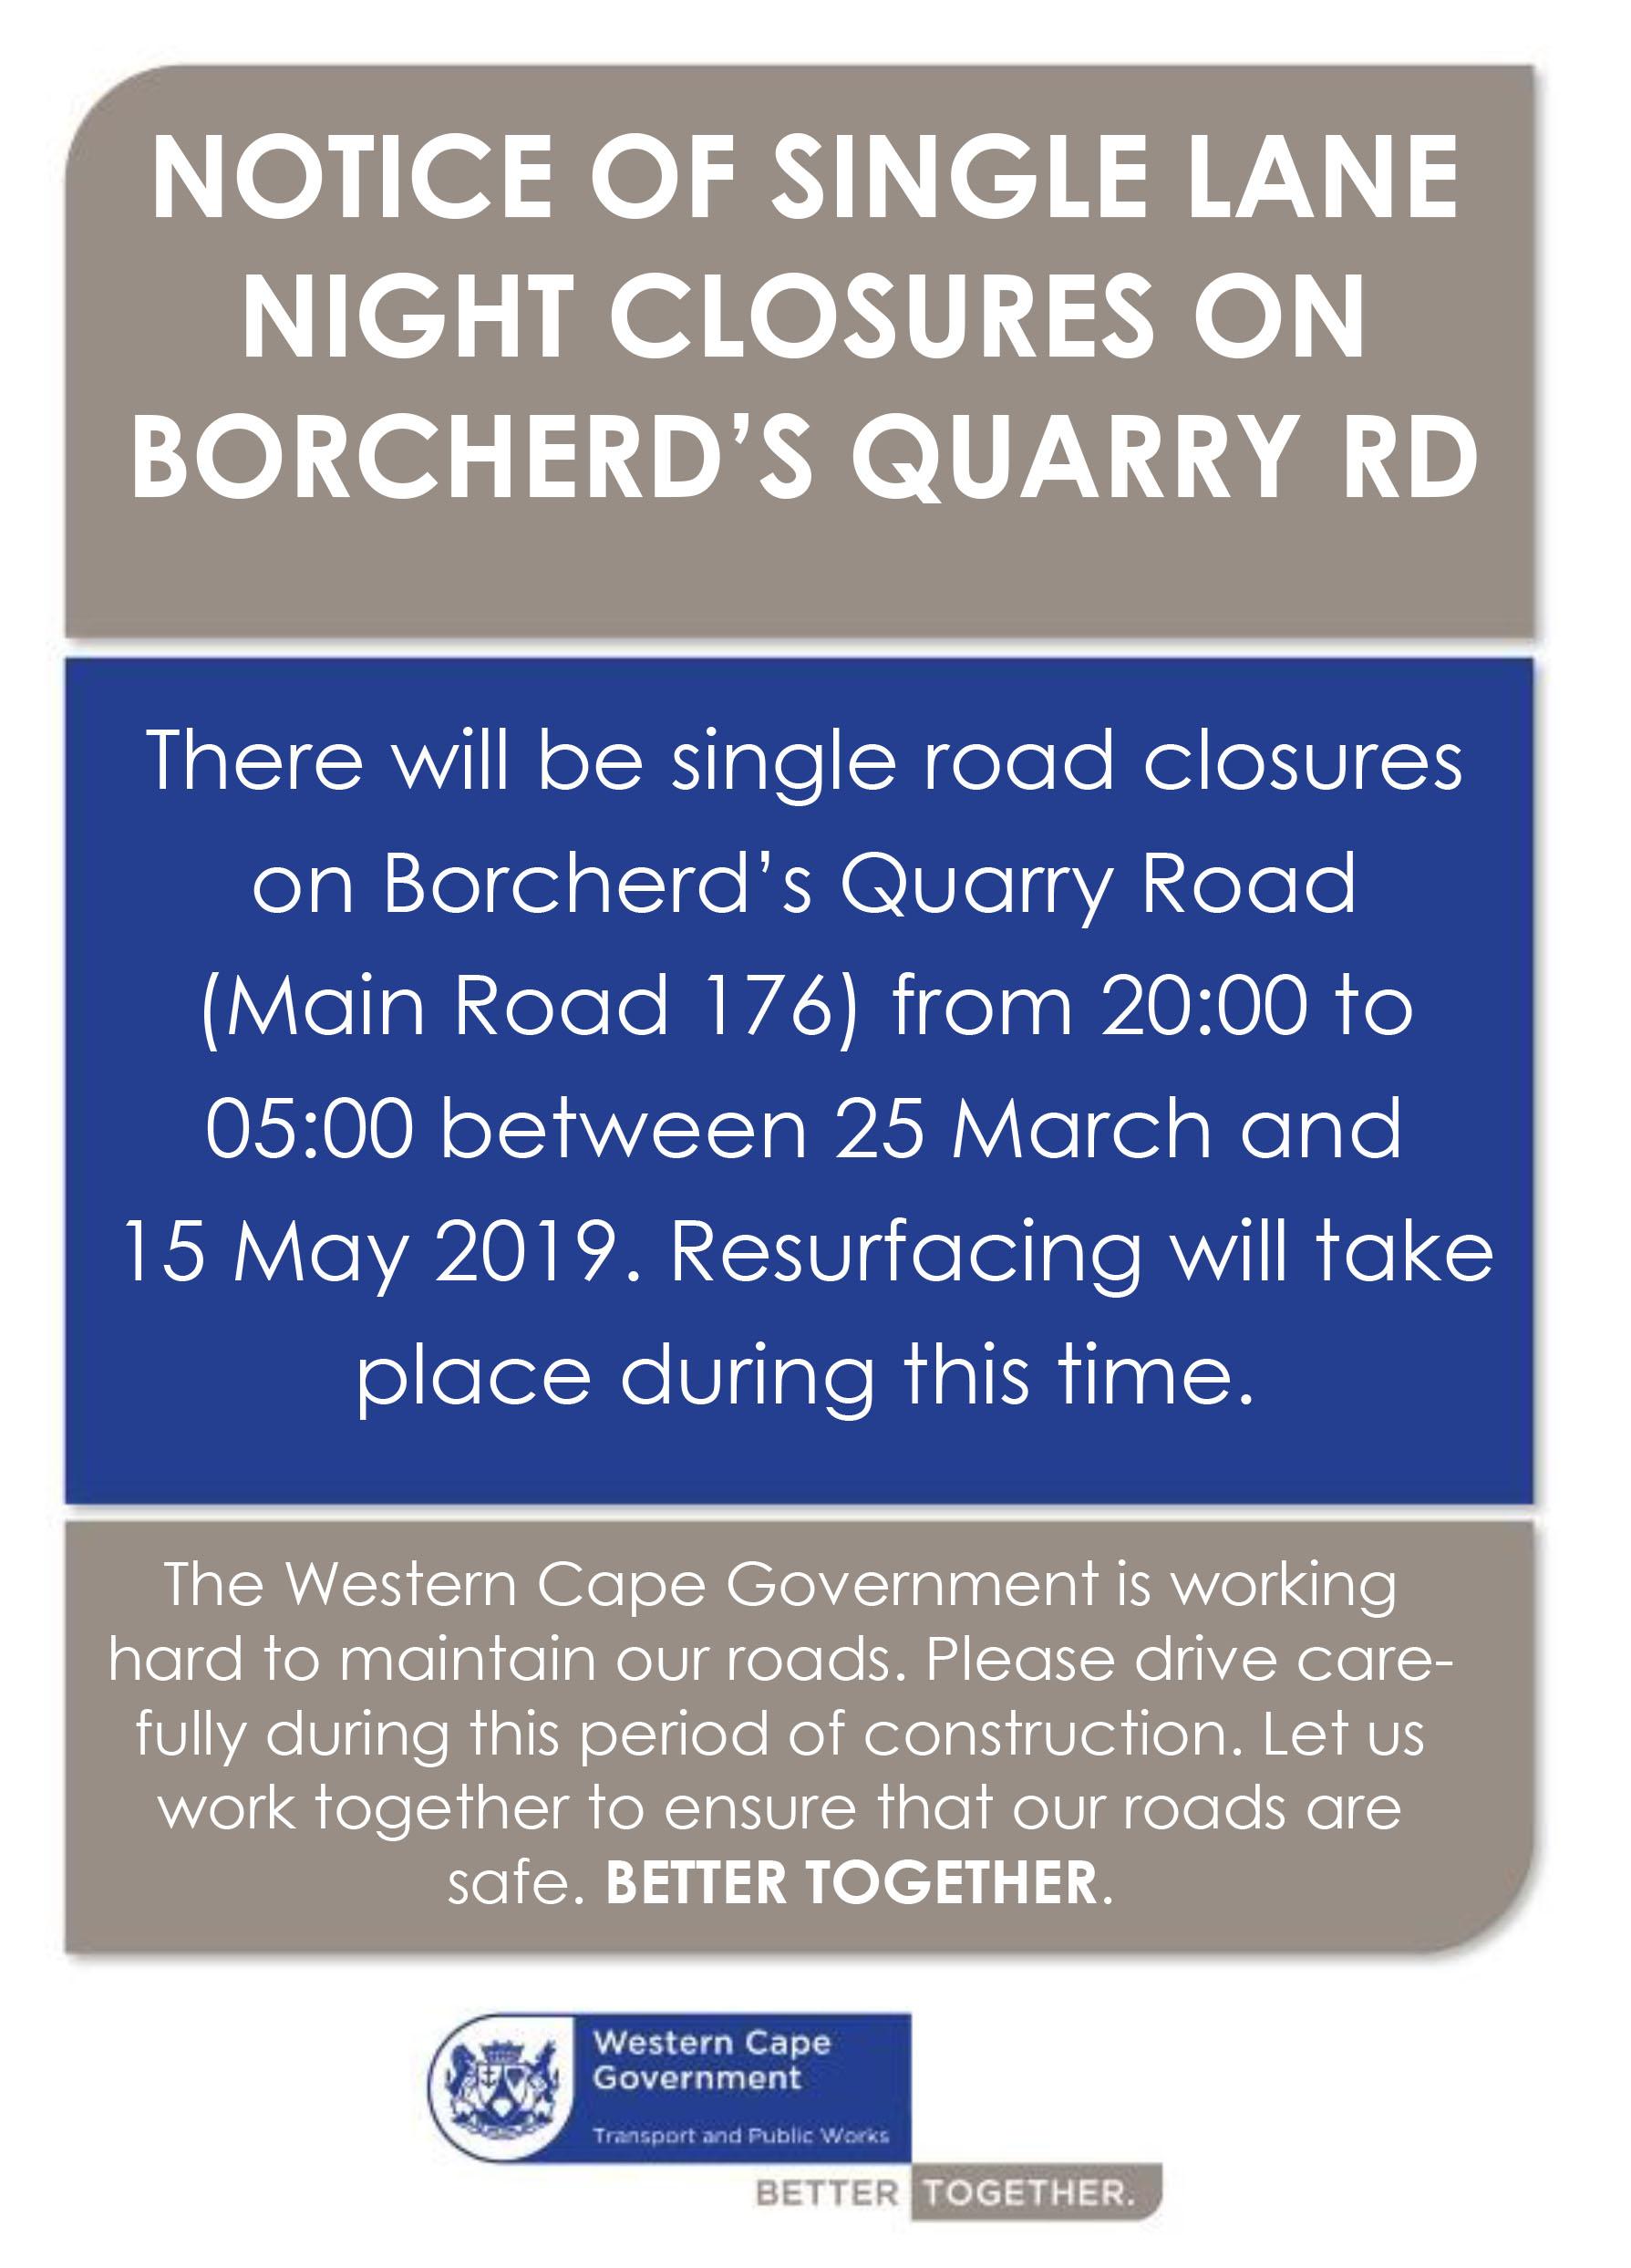 Borcherds Quarry